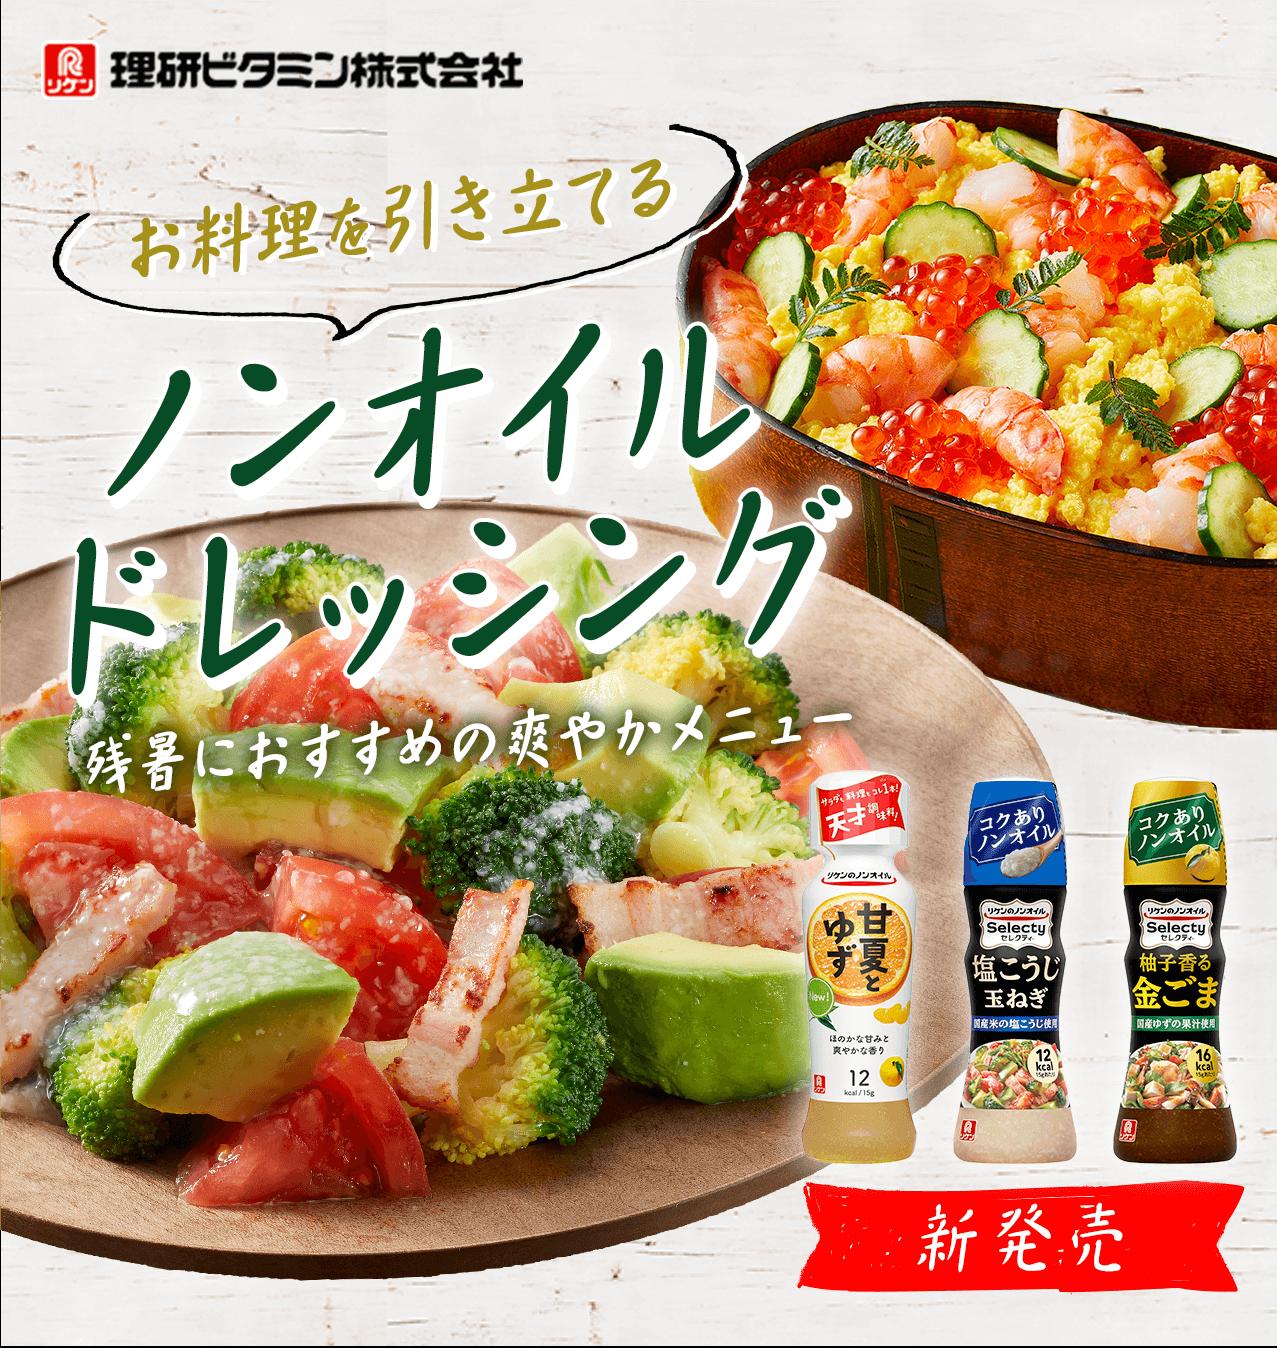 お料理を引き立てるノンオイルドレッシング 残暑におすすめの爽やかメニュー 新発売!